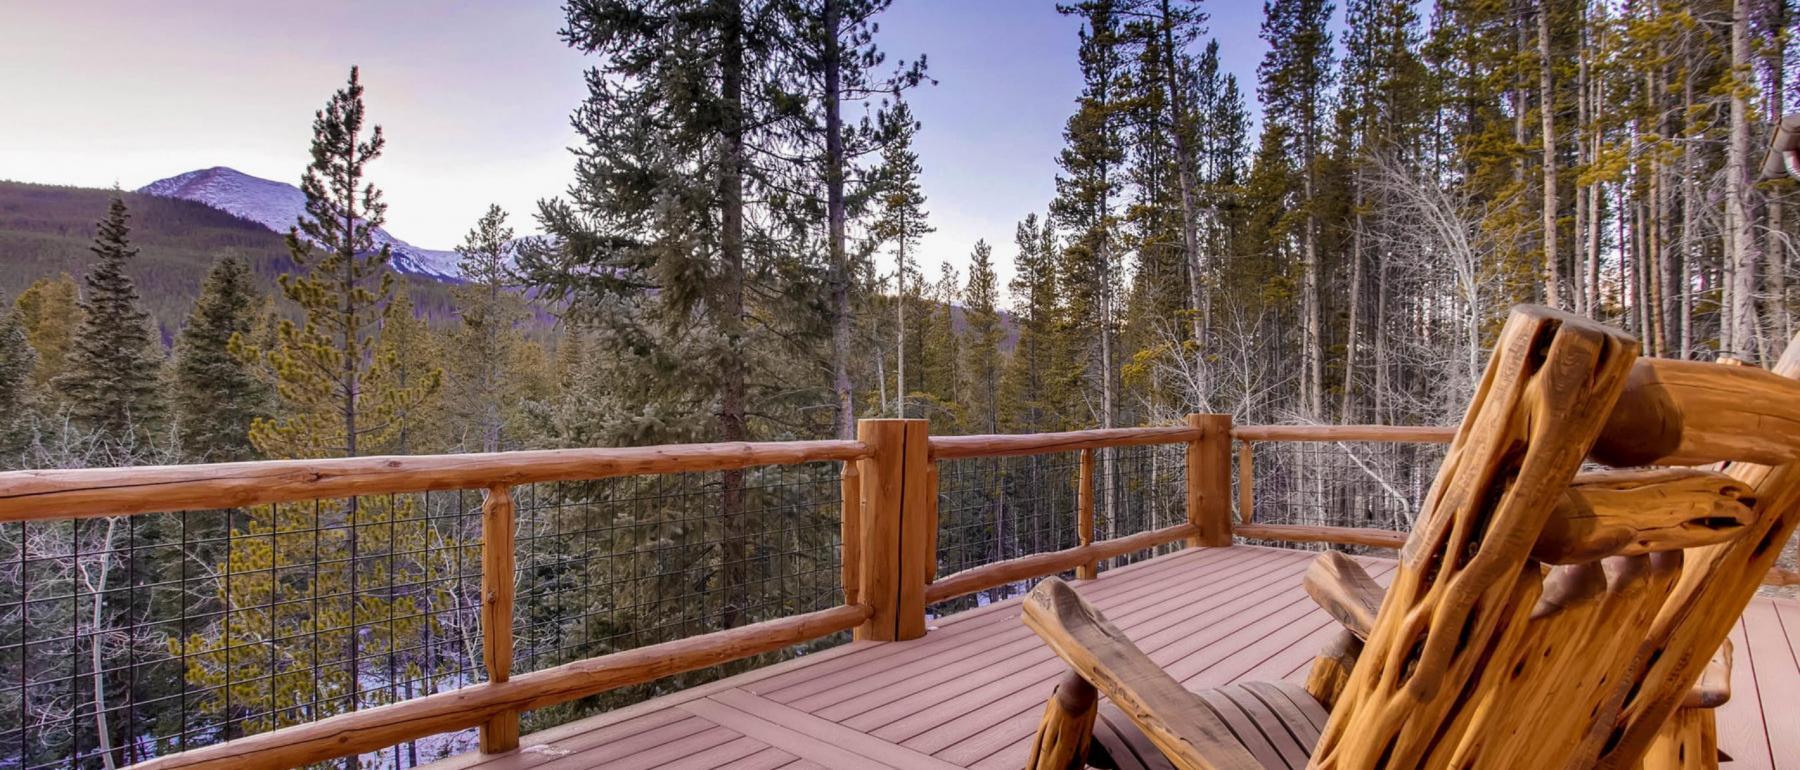 Apres Ski Cabin